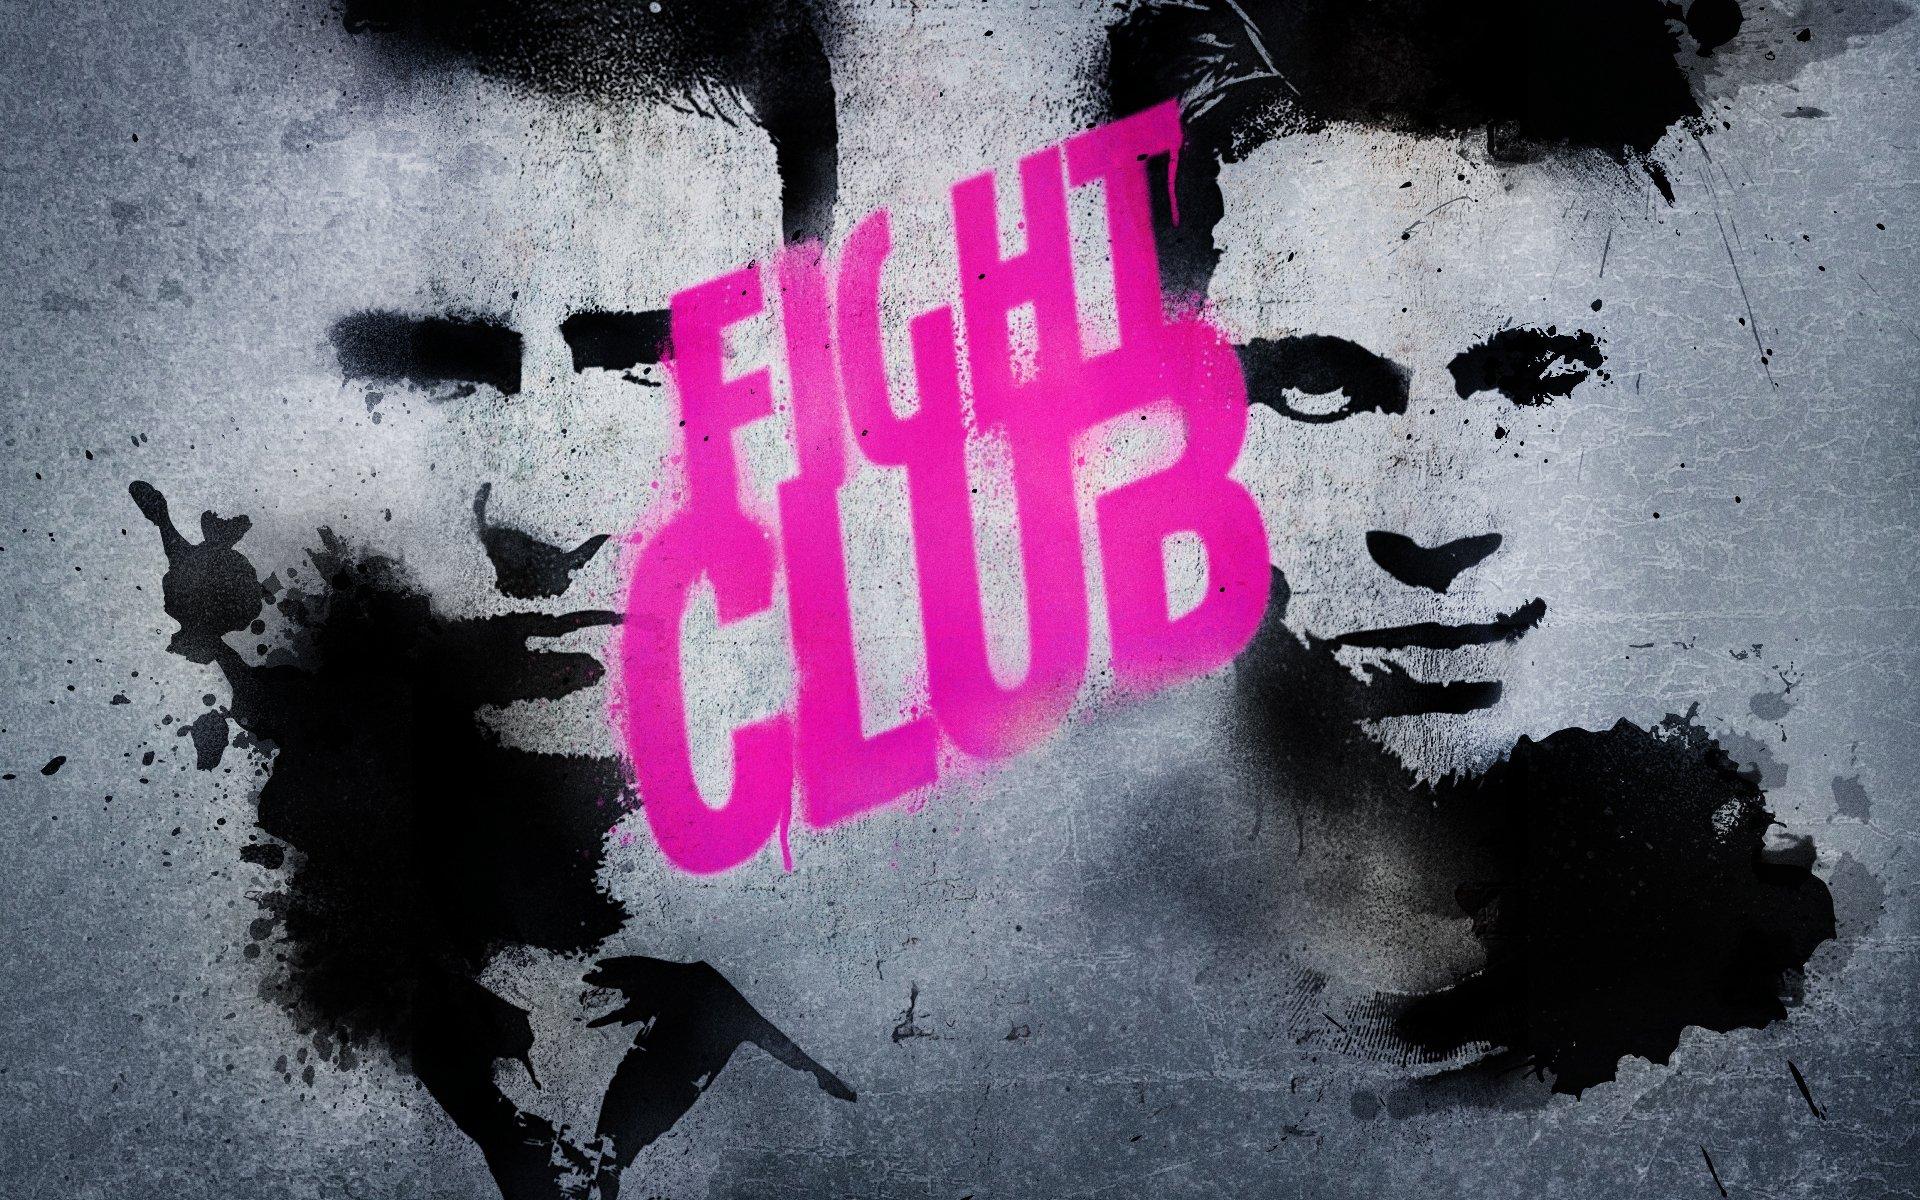 Игры и фильмы по комиксам: Fight Club. - Изображение 1